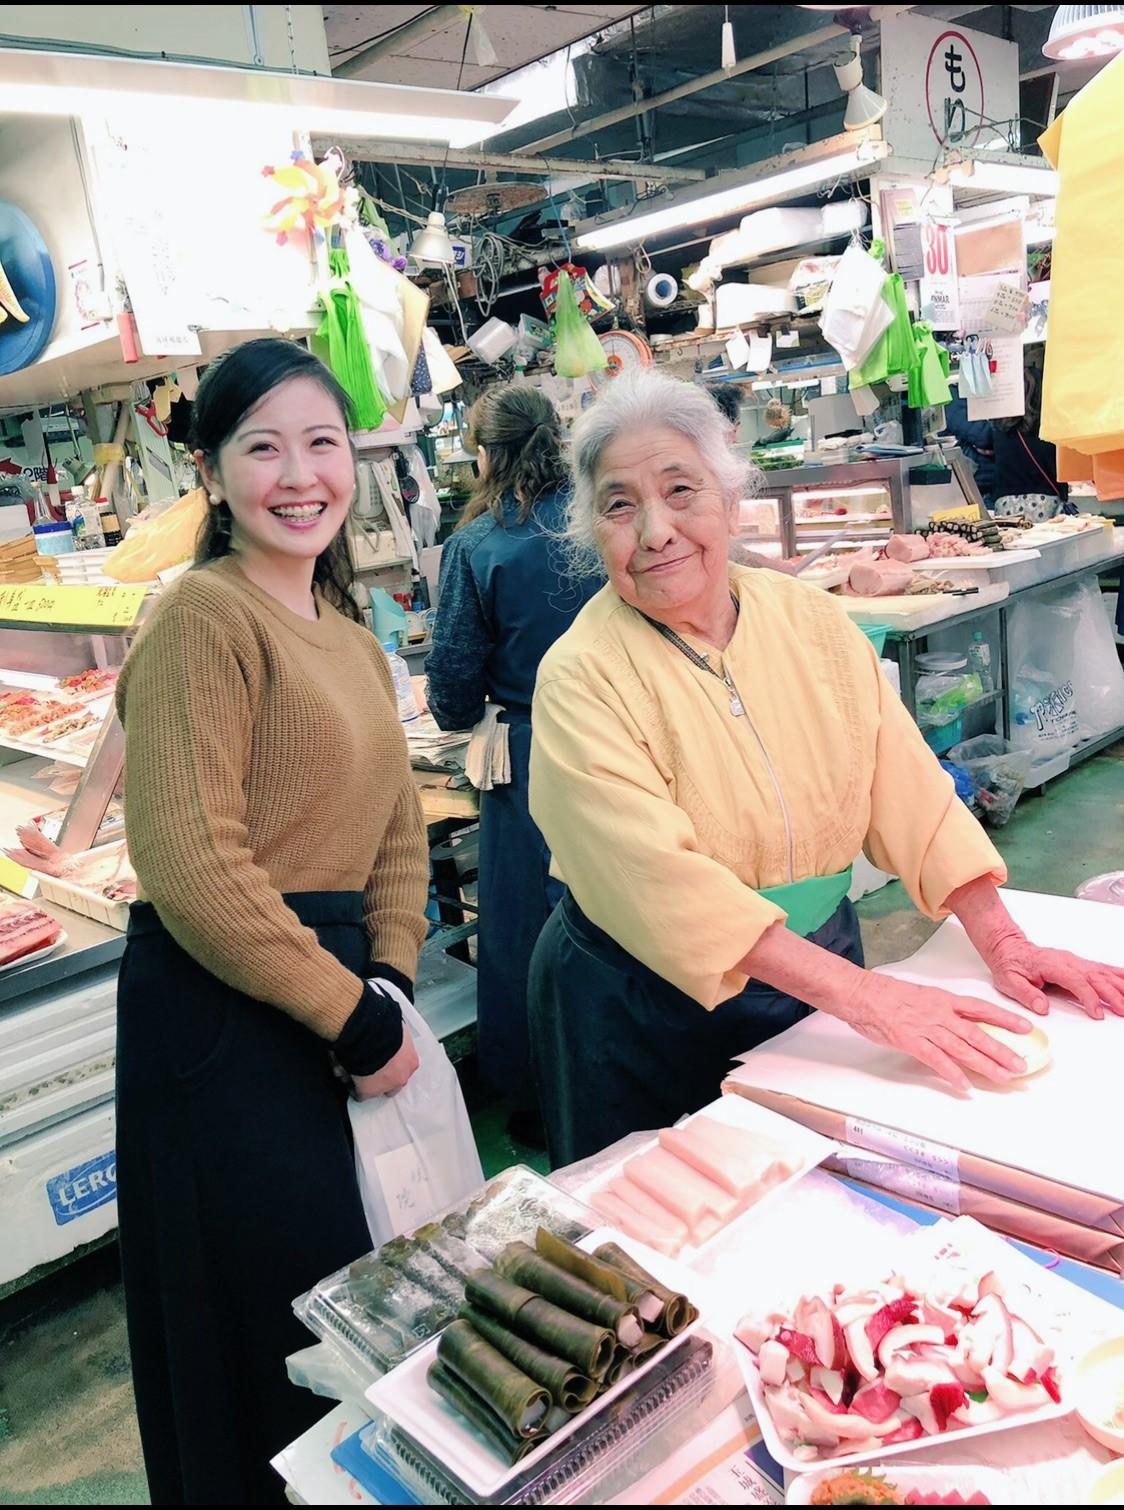 昨年の年末、旧市場を訪れた際の写真